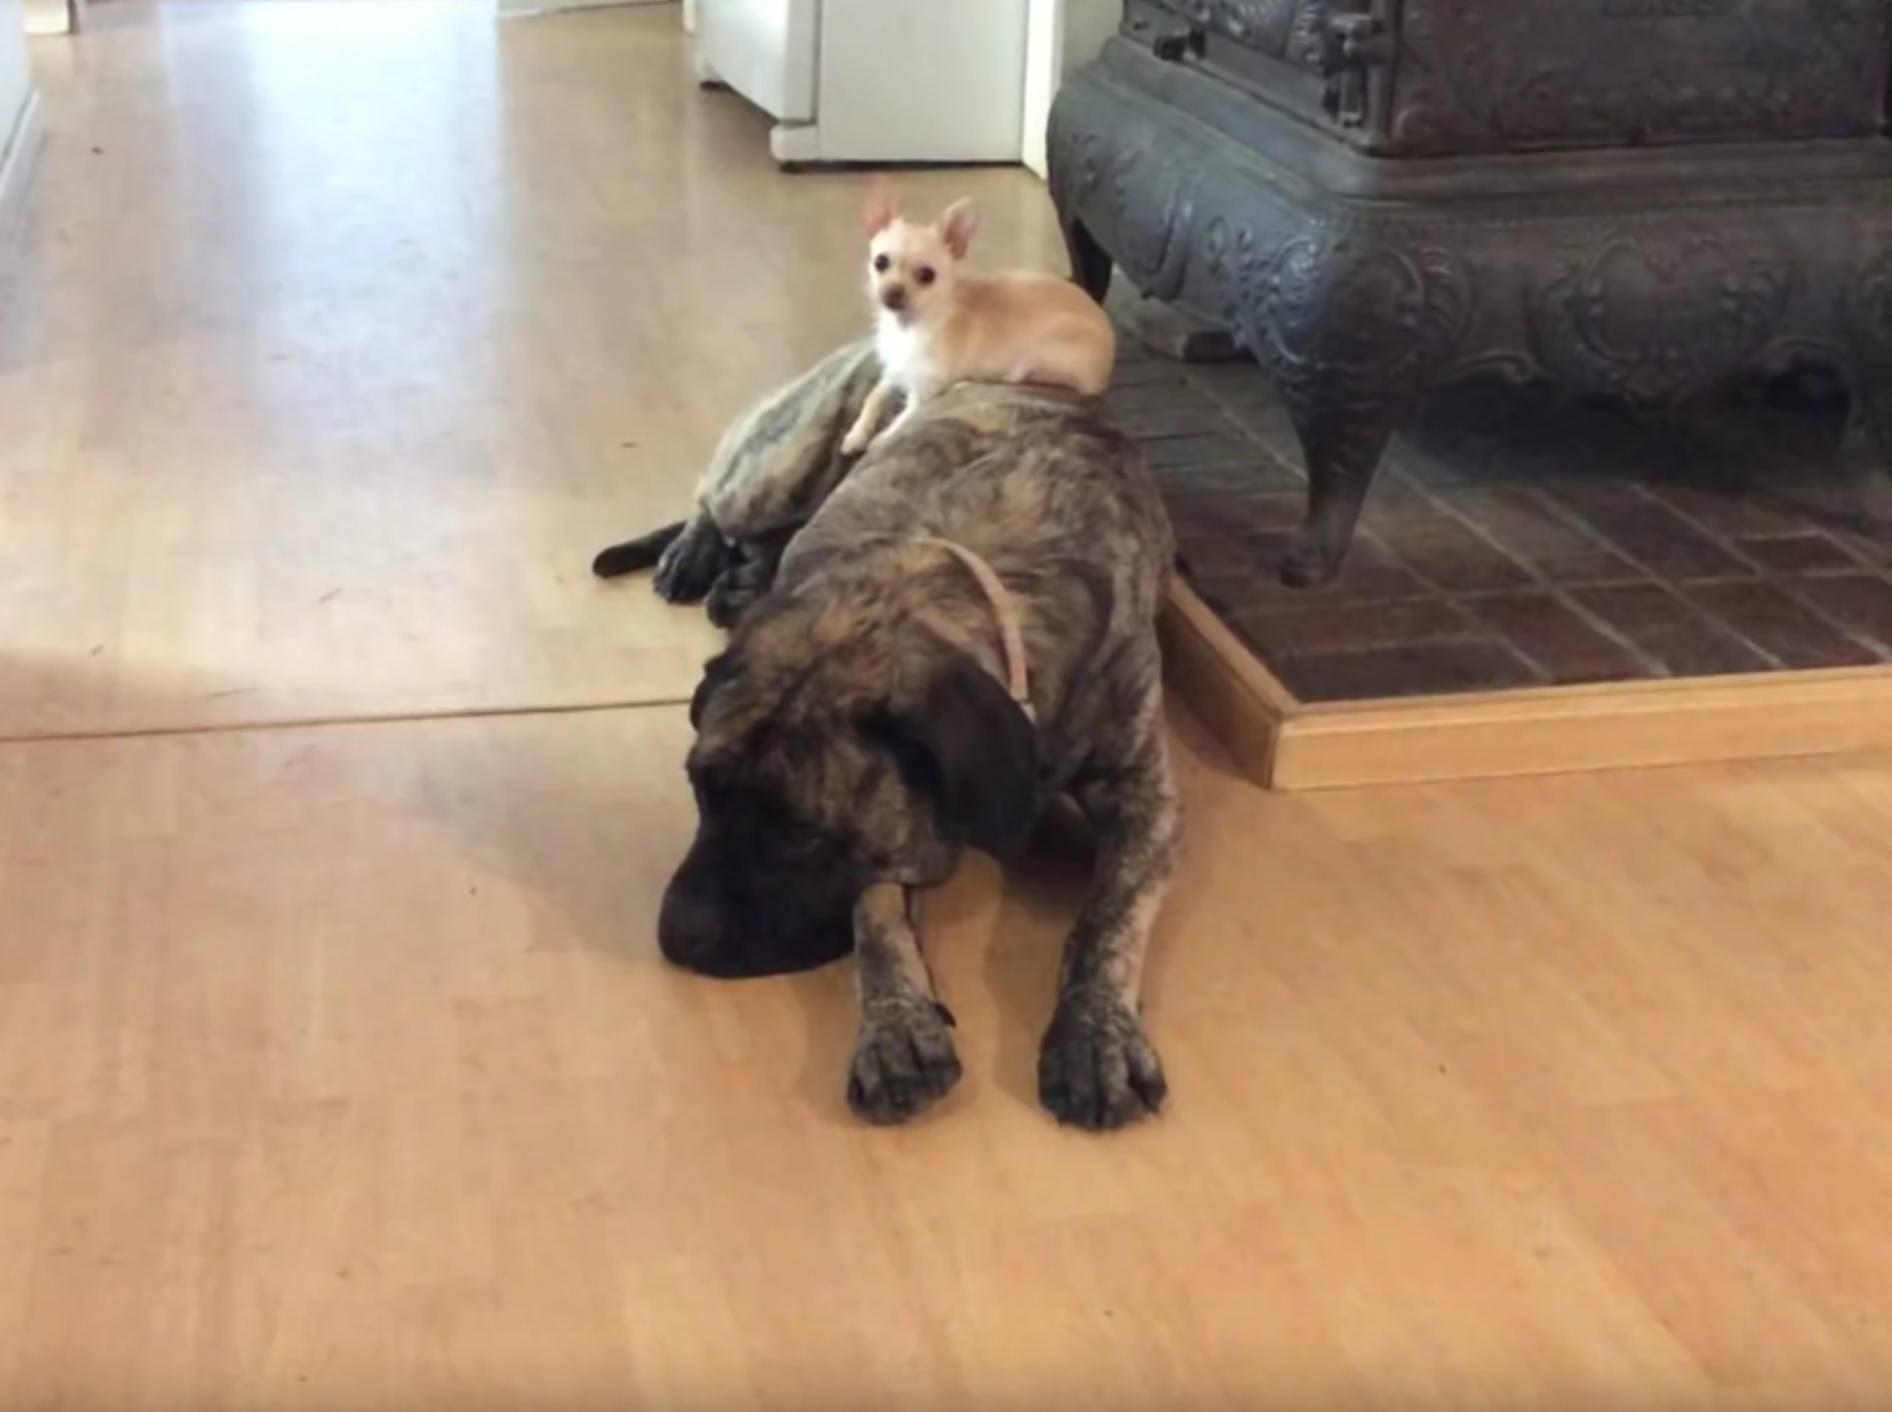 Kleiner Chihuahua macht es sich auf großem Mastiff bequem – YouTube / Sunflower Farm Creamery